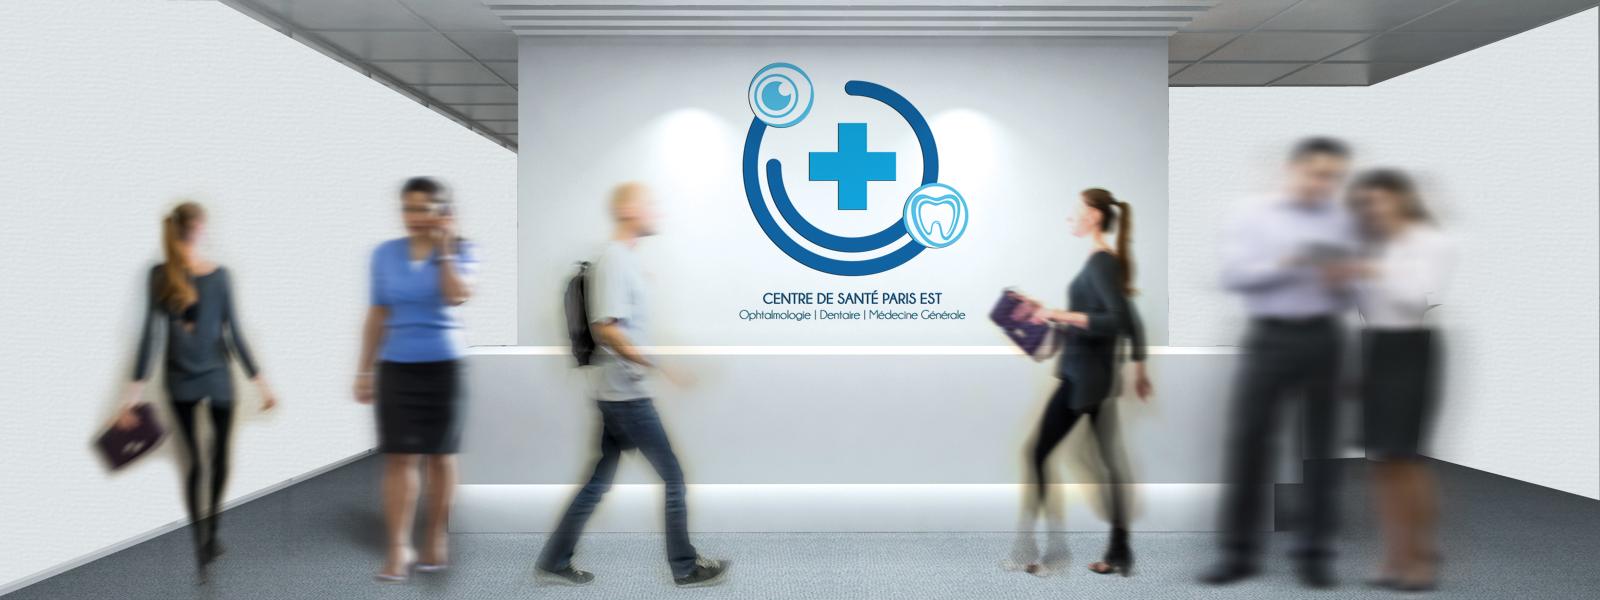 Centre de santé Paris Est - Cabinet de santé Paris Est - 60 rue du Château Landon - 75010 Paris